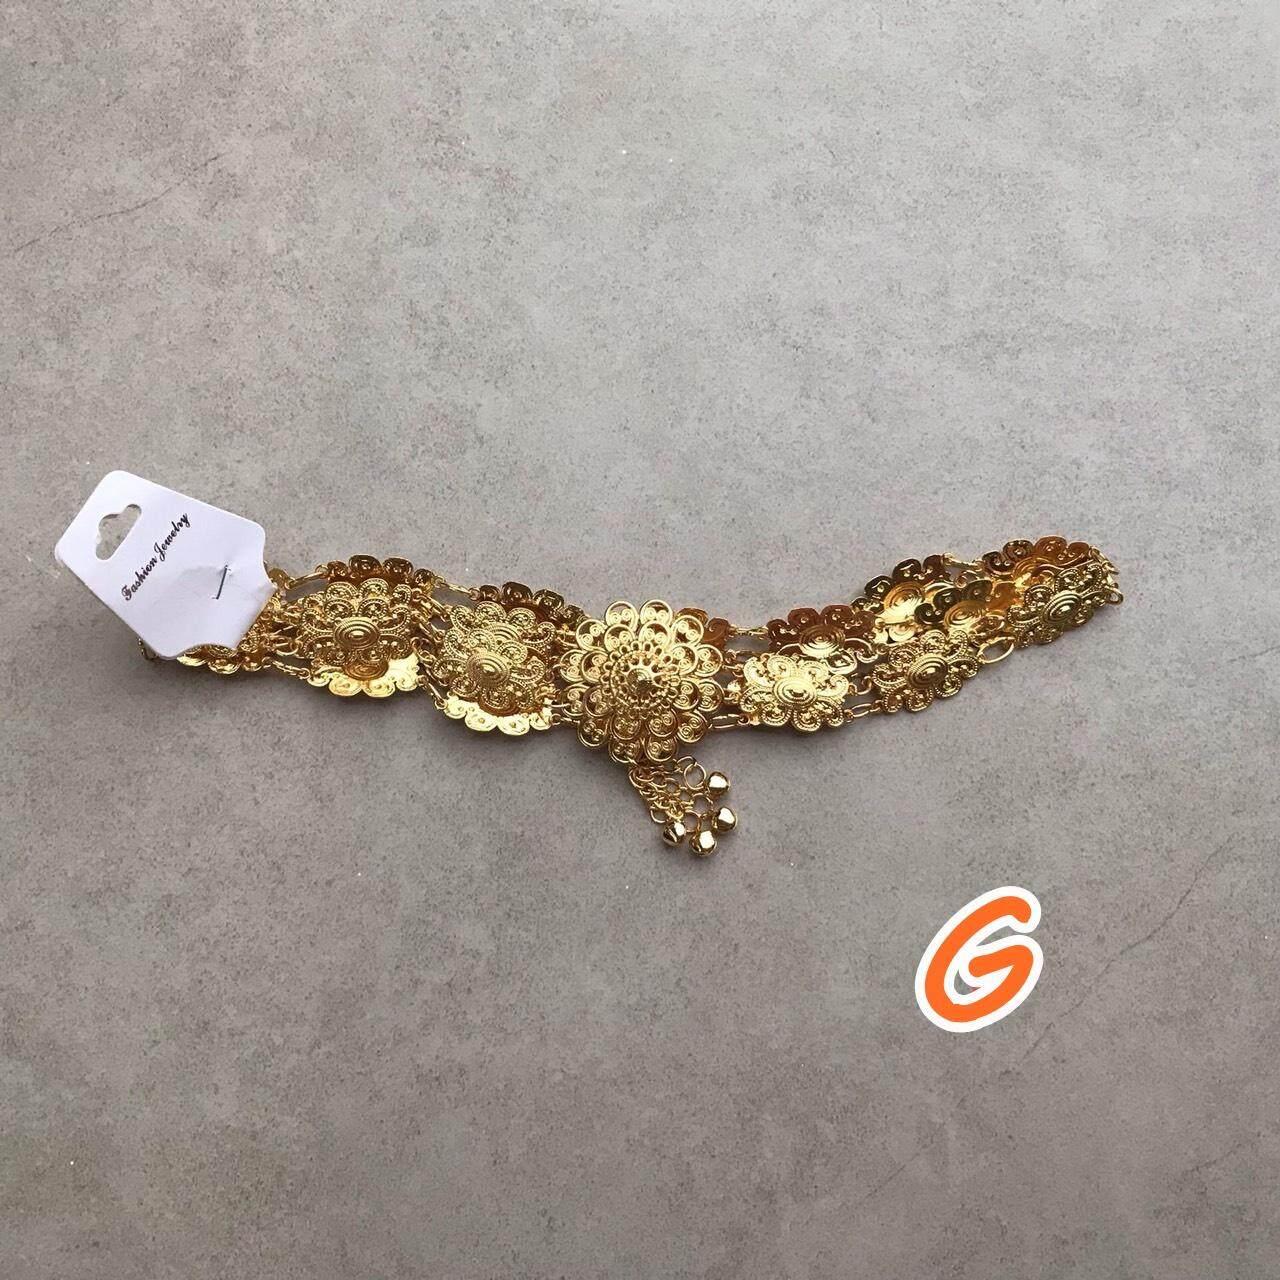 เข็มขัดทองสำหรับเด็ก